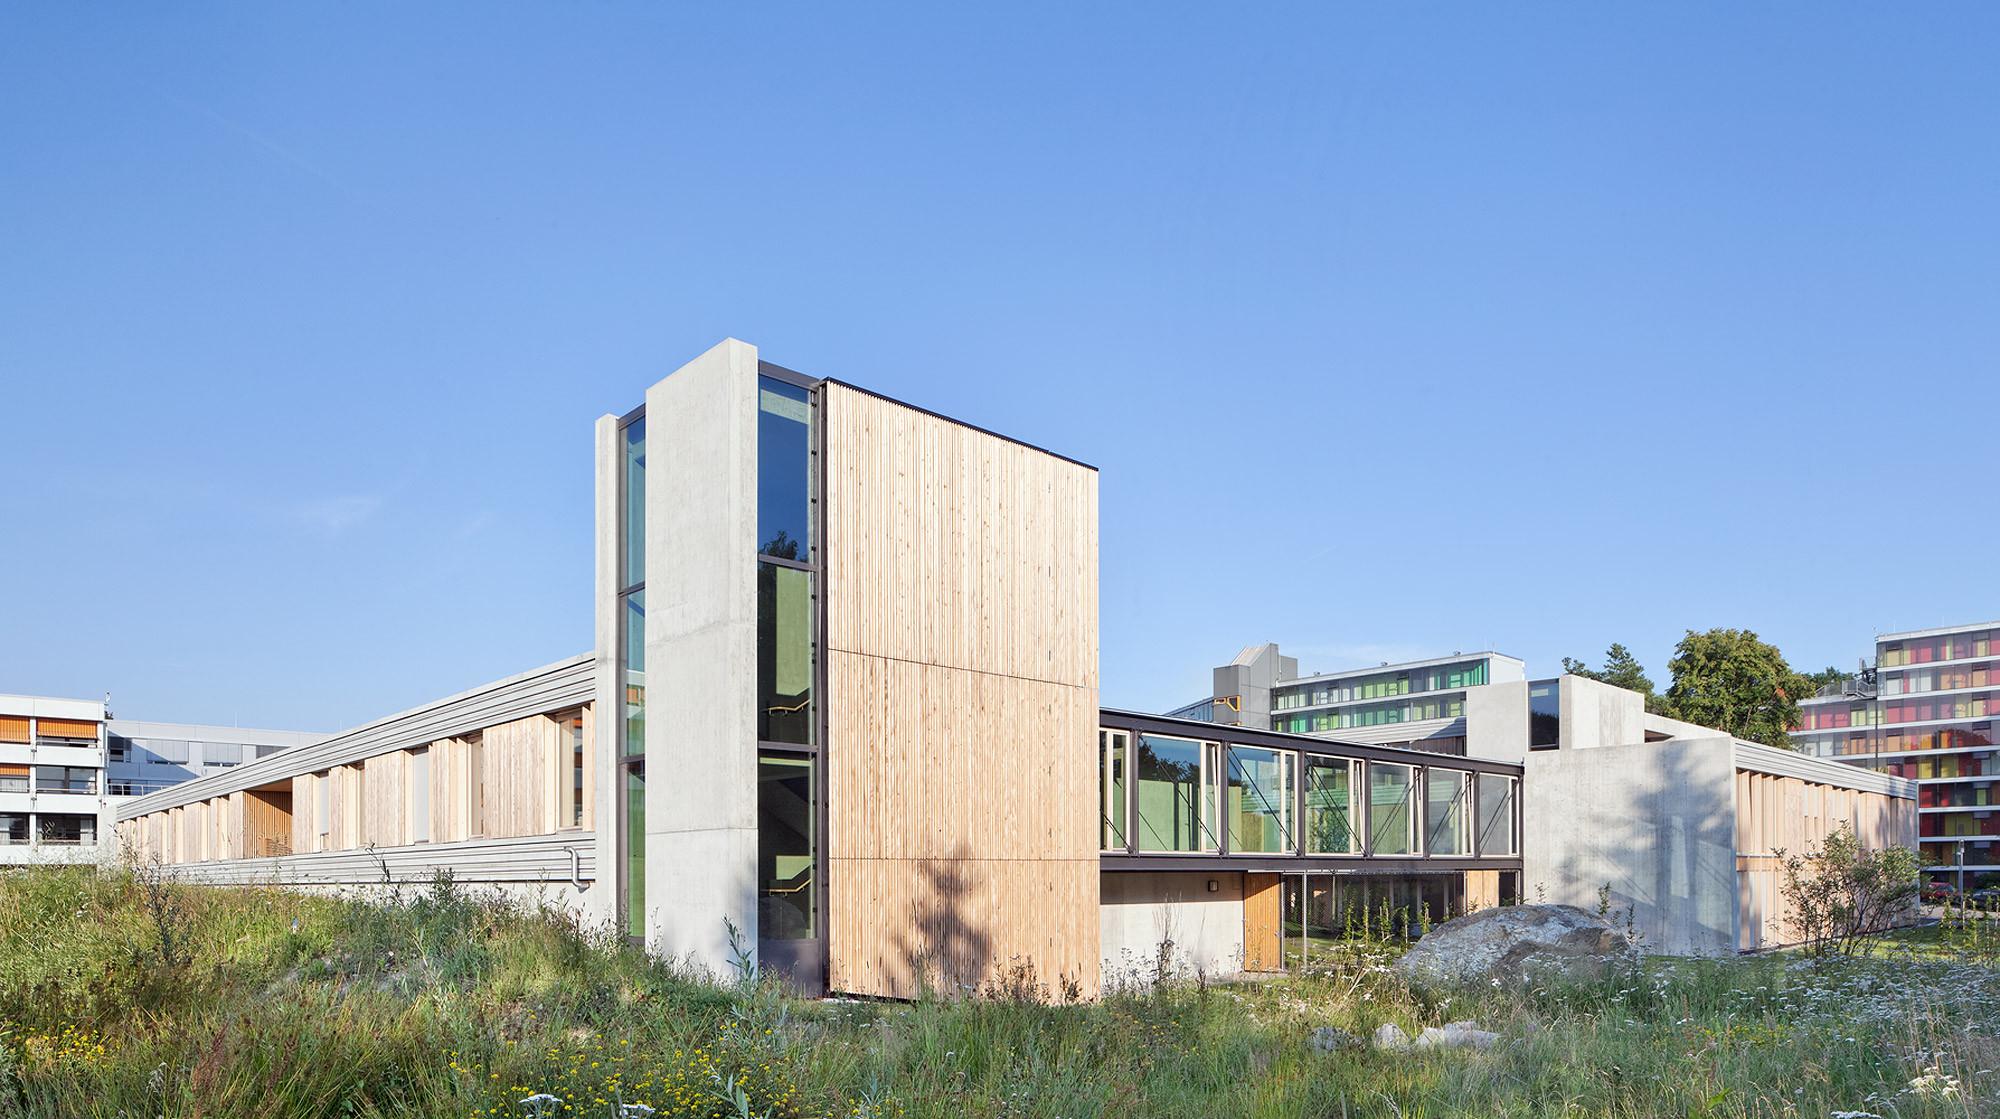 Architekt Friedrichshafen psychiatric centre friedrichshafen huber staudt architekten